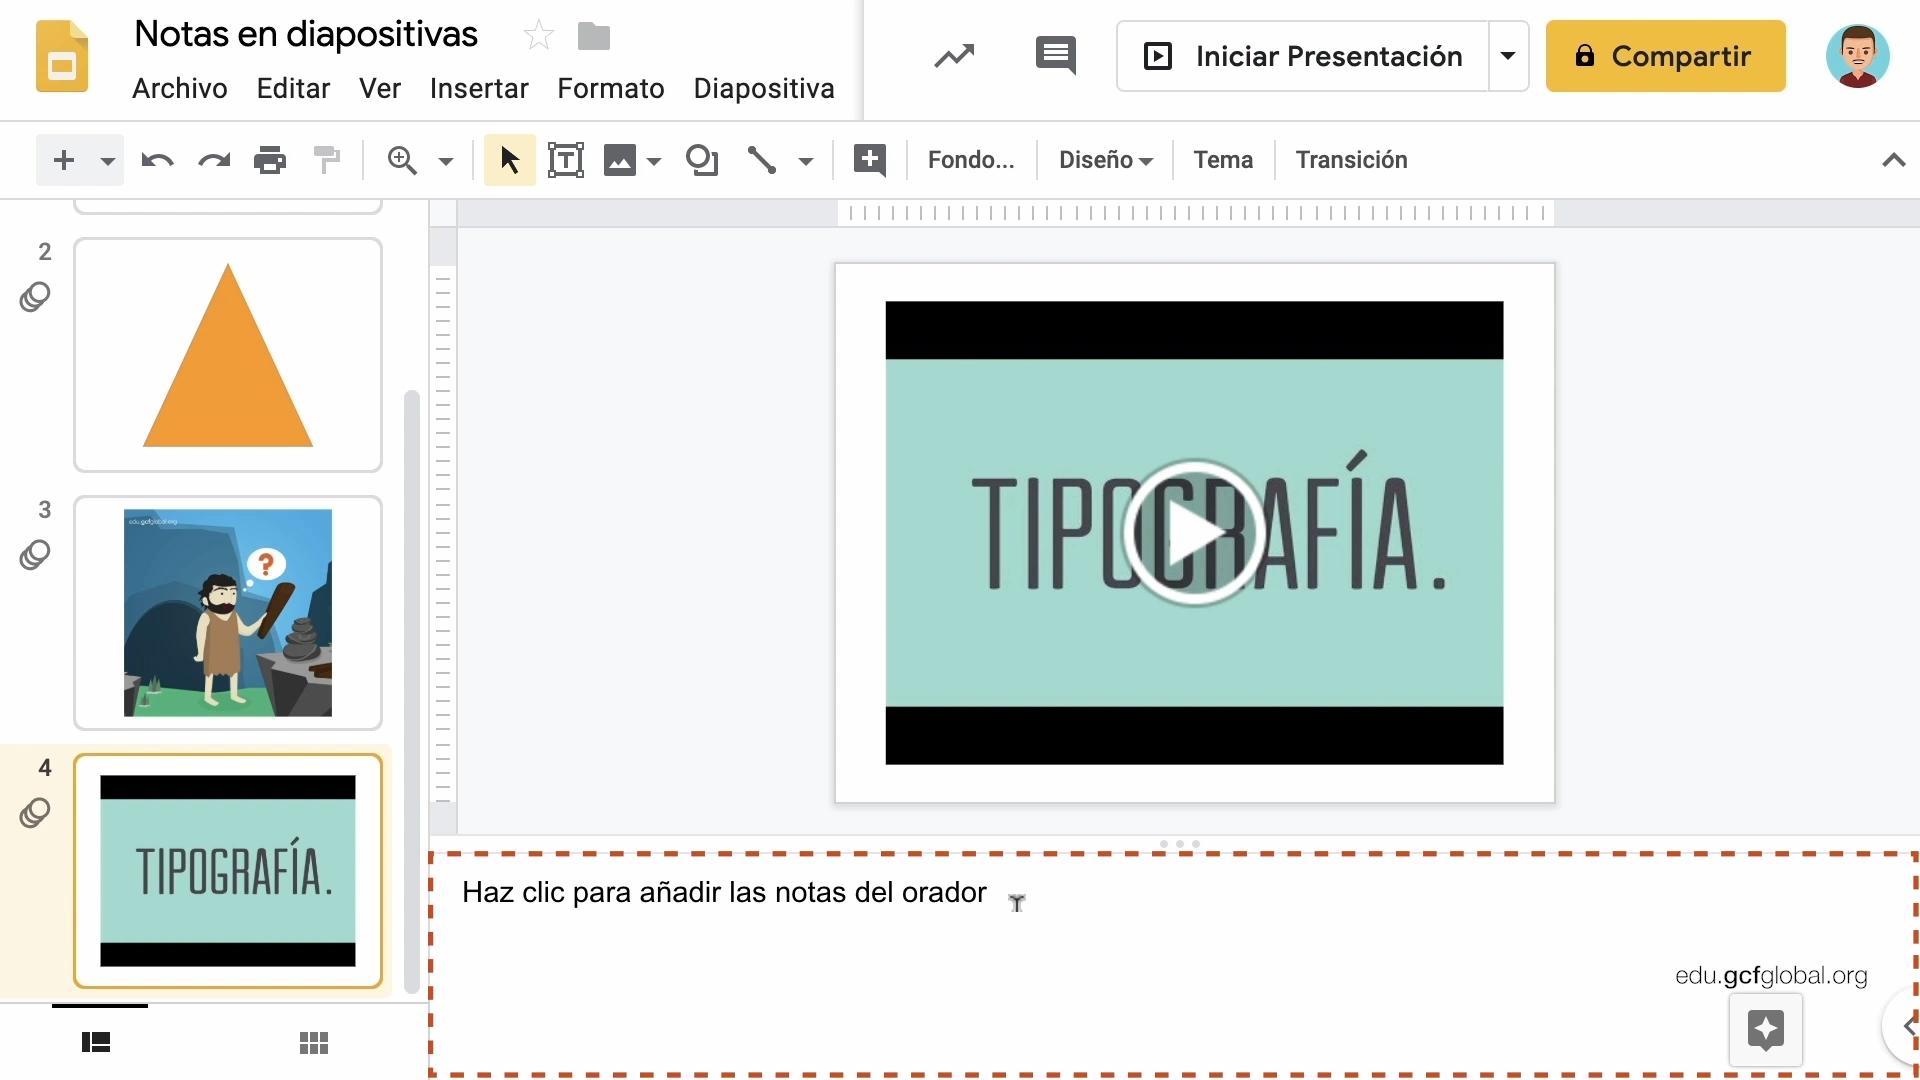 Imagen de Presentaciones de Google añadiendo las notas en la opción Notas del Orador.